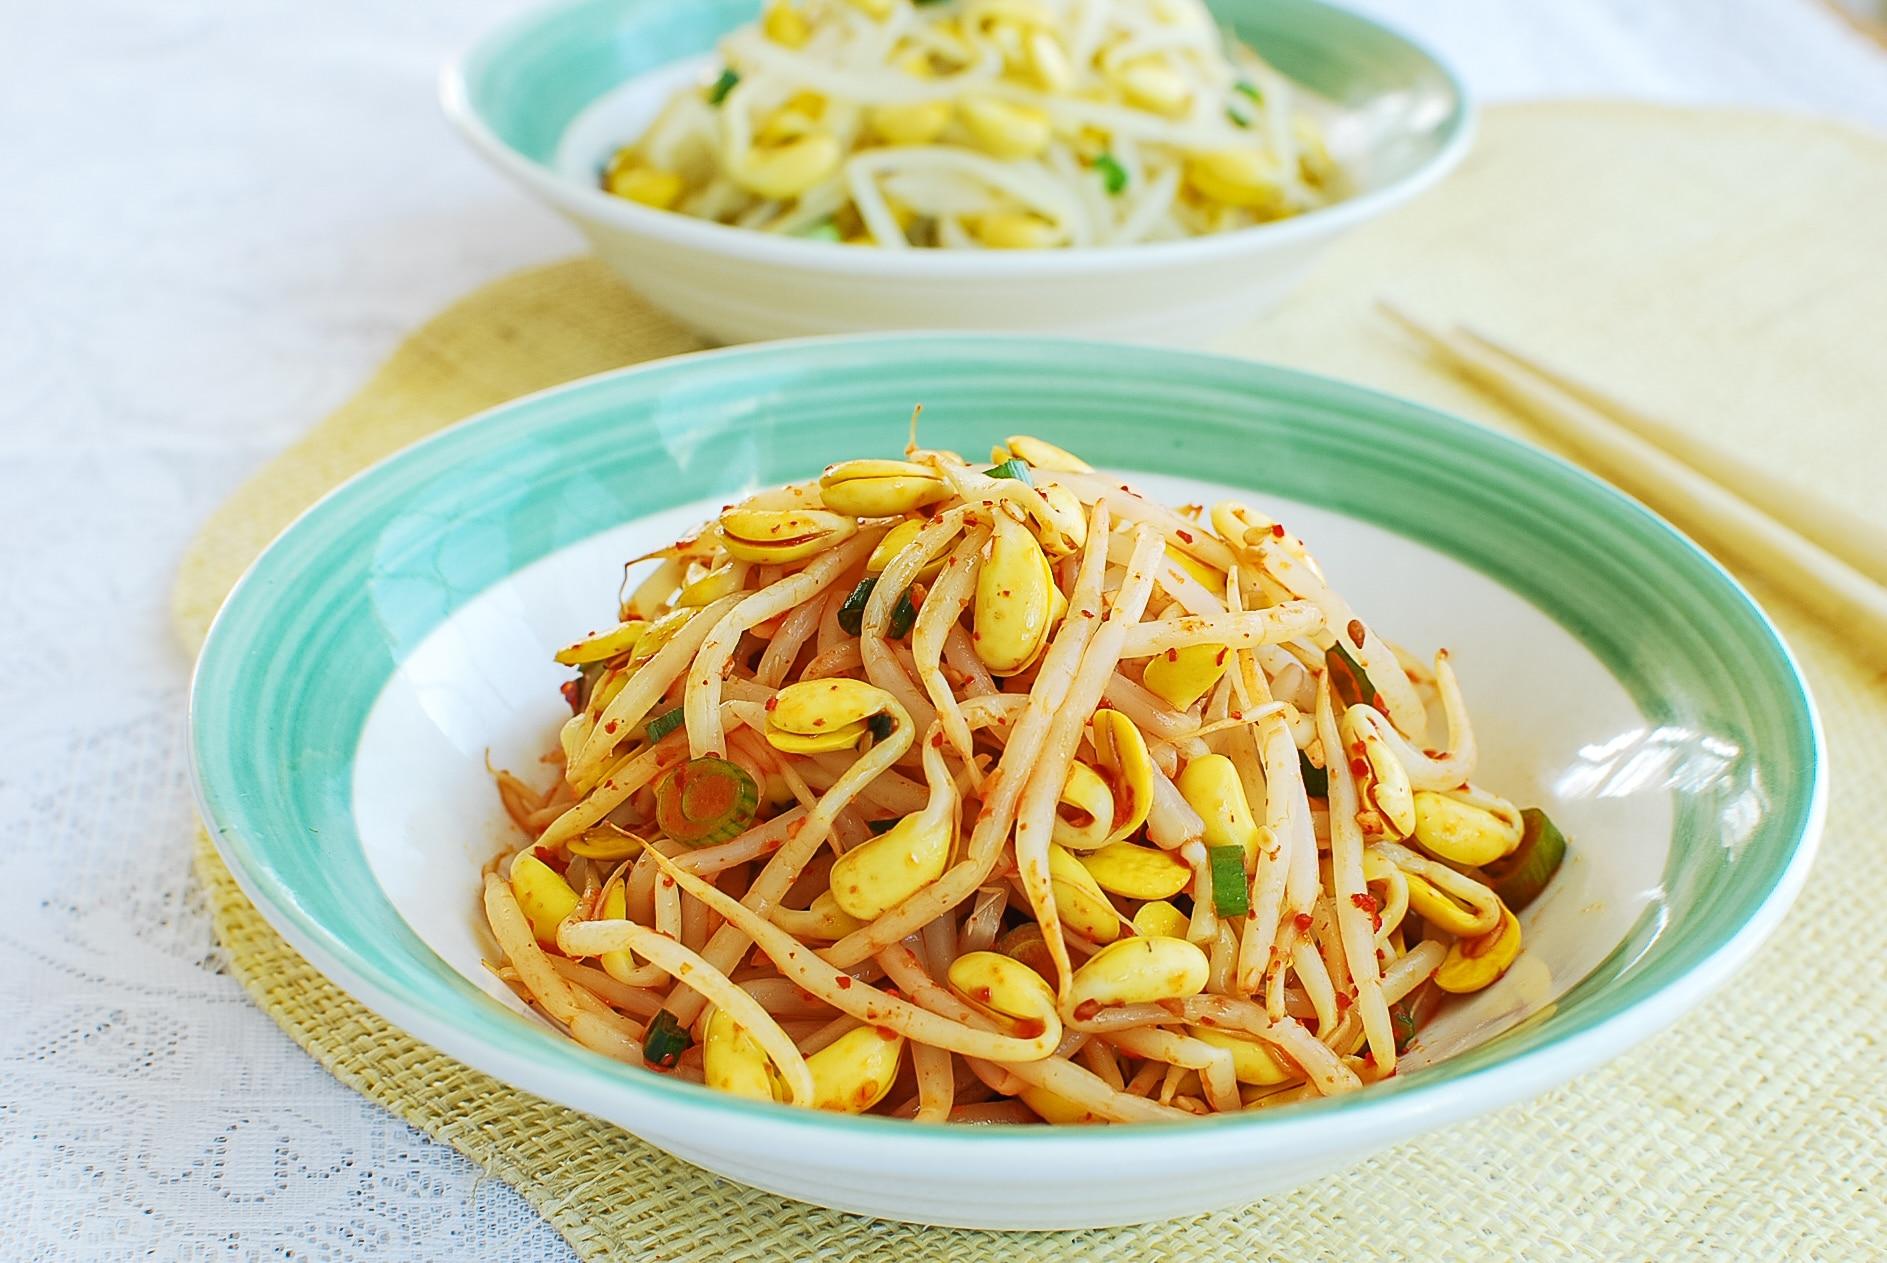 DSC 2422 - Kongnamul Muchim (Soybean Sprout Side Dish)